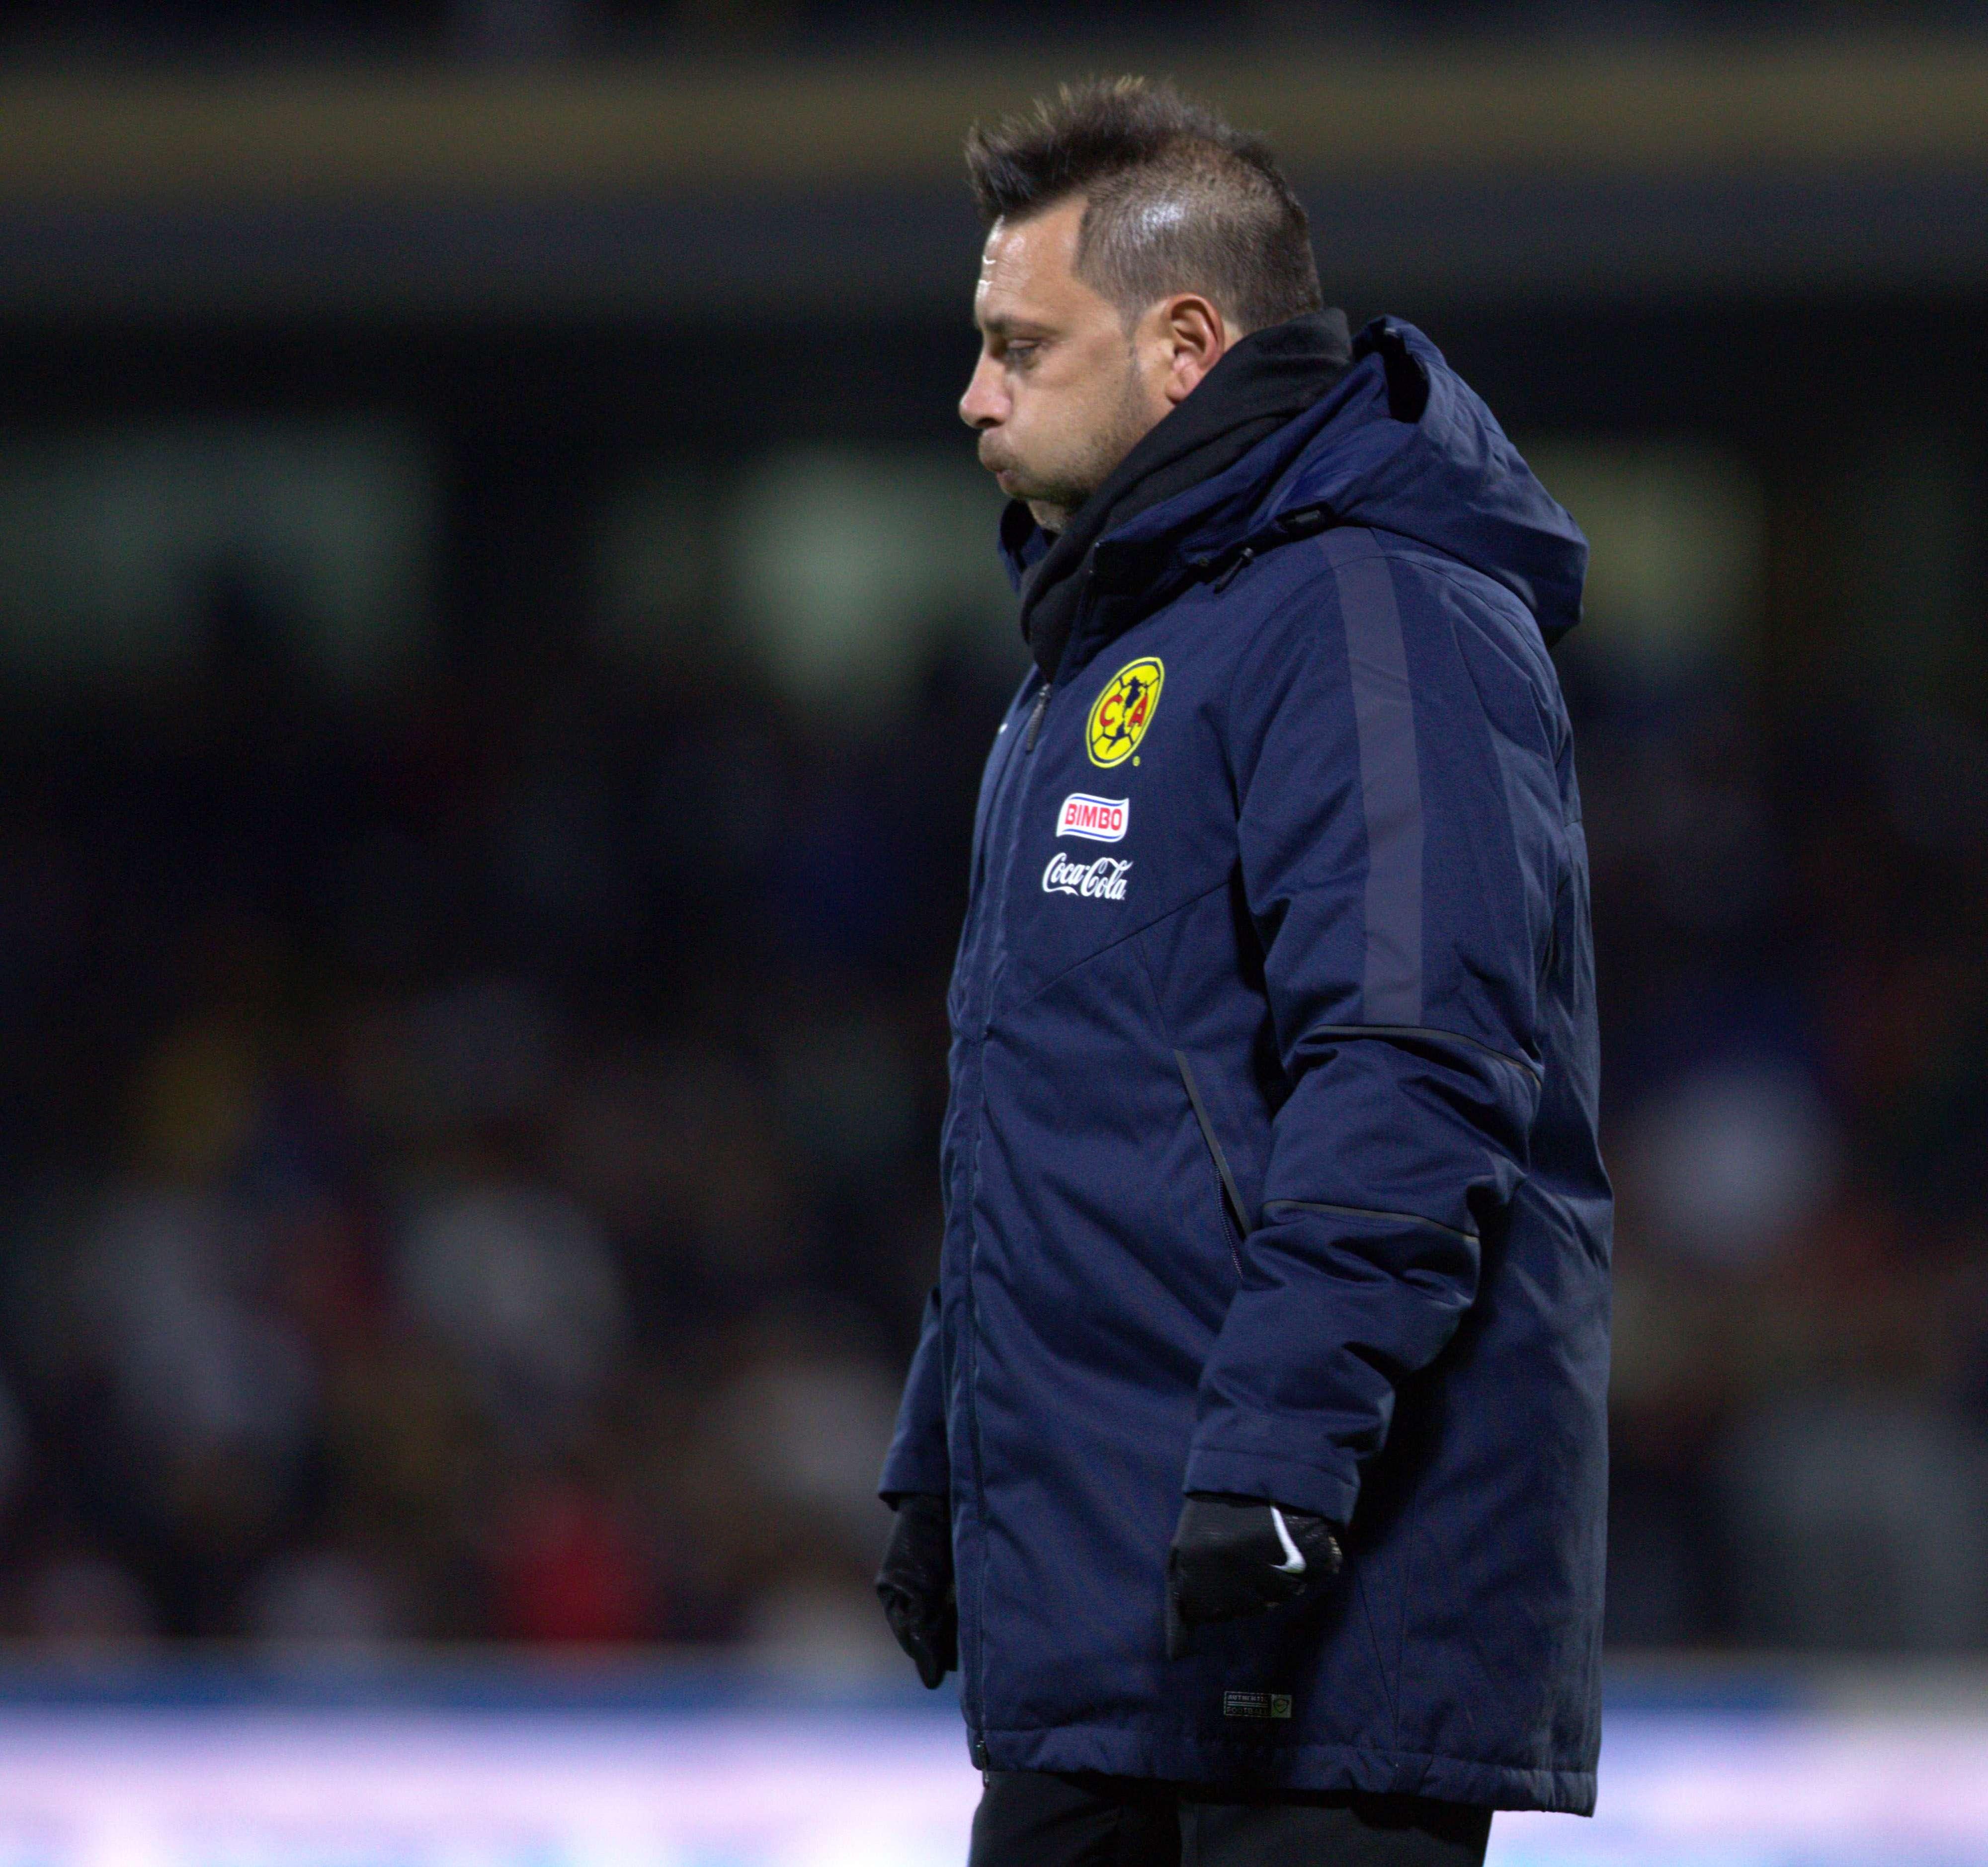 Si América queda eliminado es muy probable que Antonio Mohamed sea despedido Foto: Mexsport